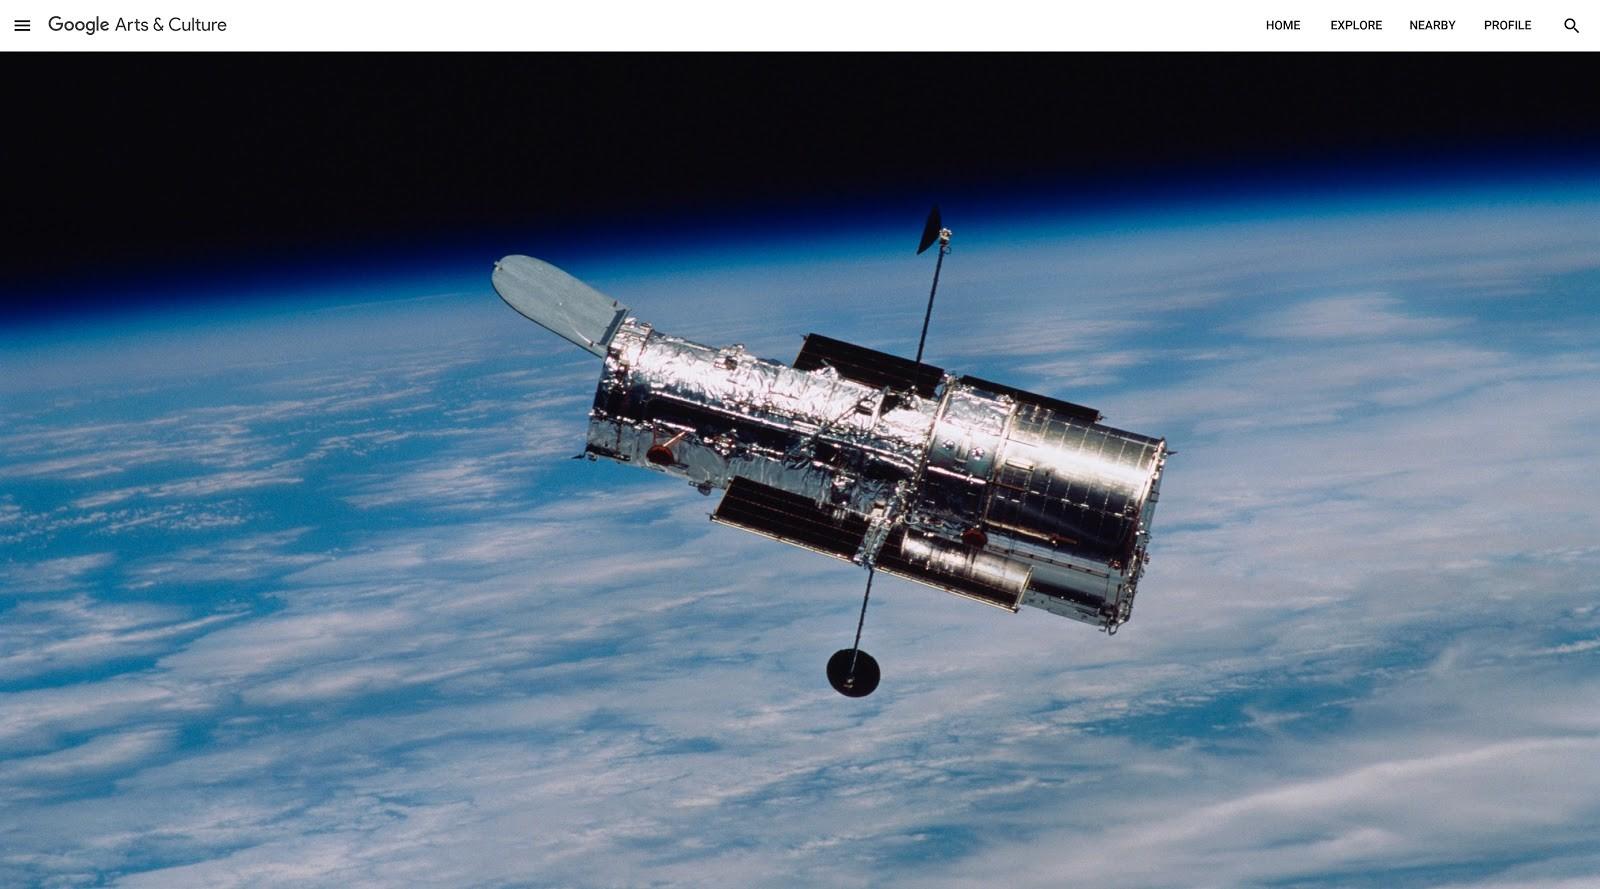 Telescópio Espacial Hubble em órbita - NASA (US) (Foto: Divulgação: Google)